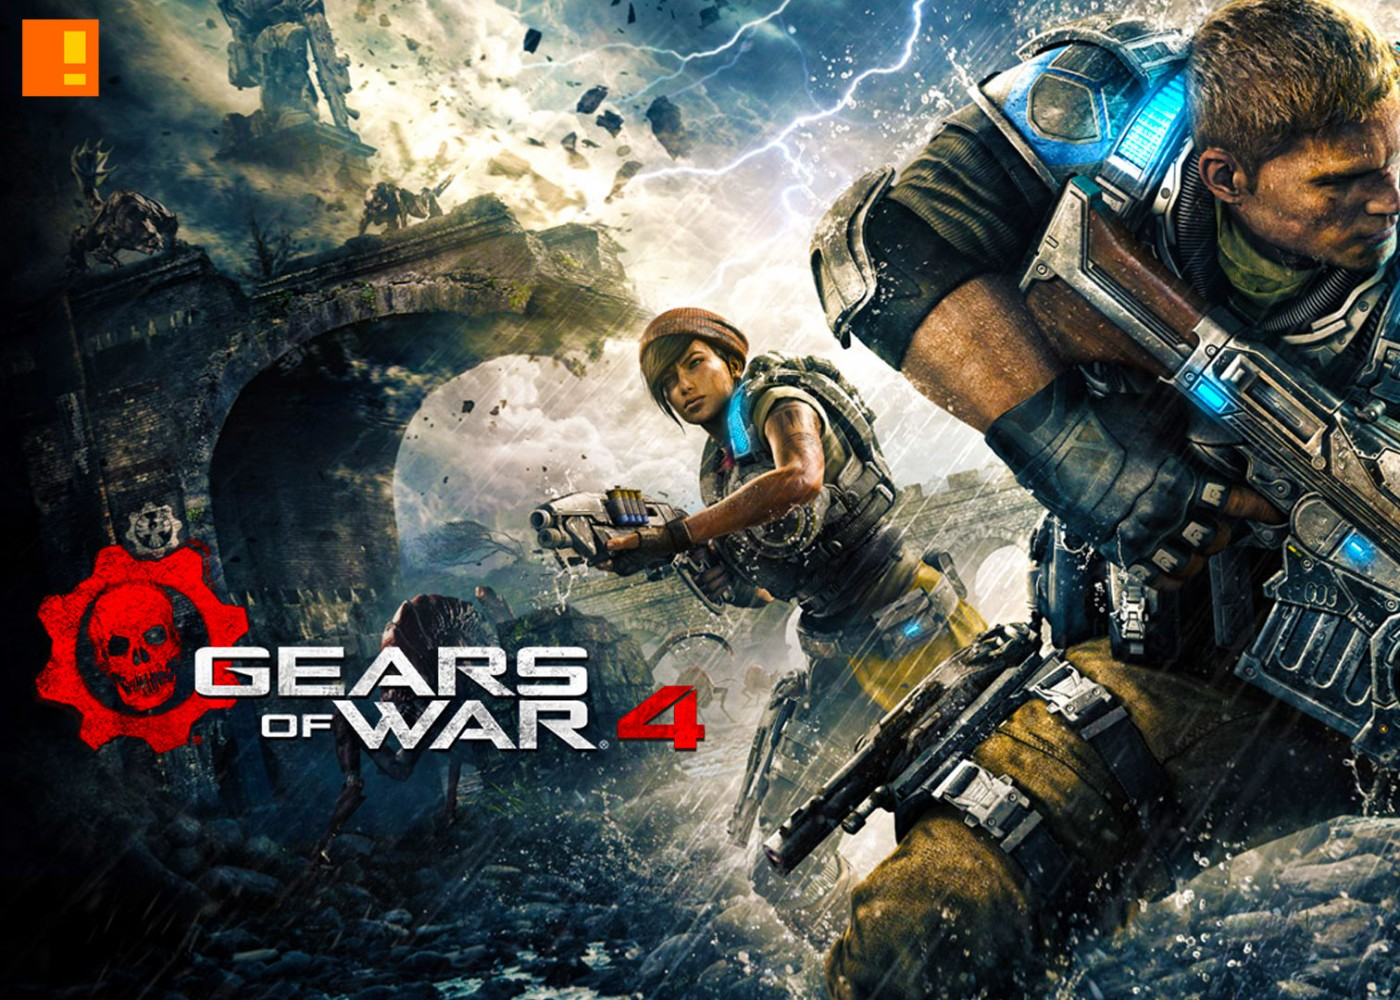 Gears of war release date